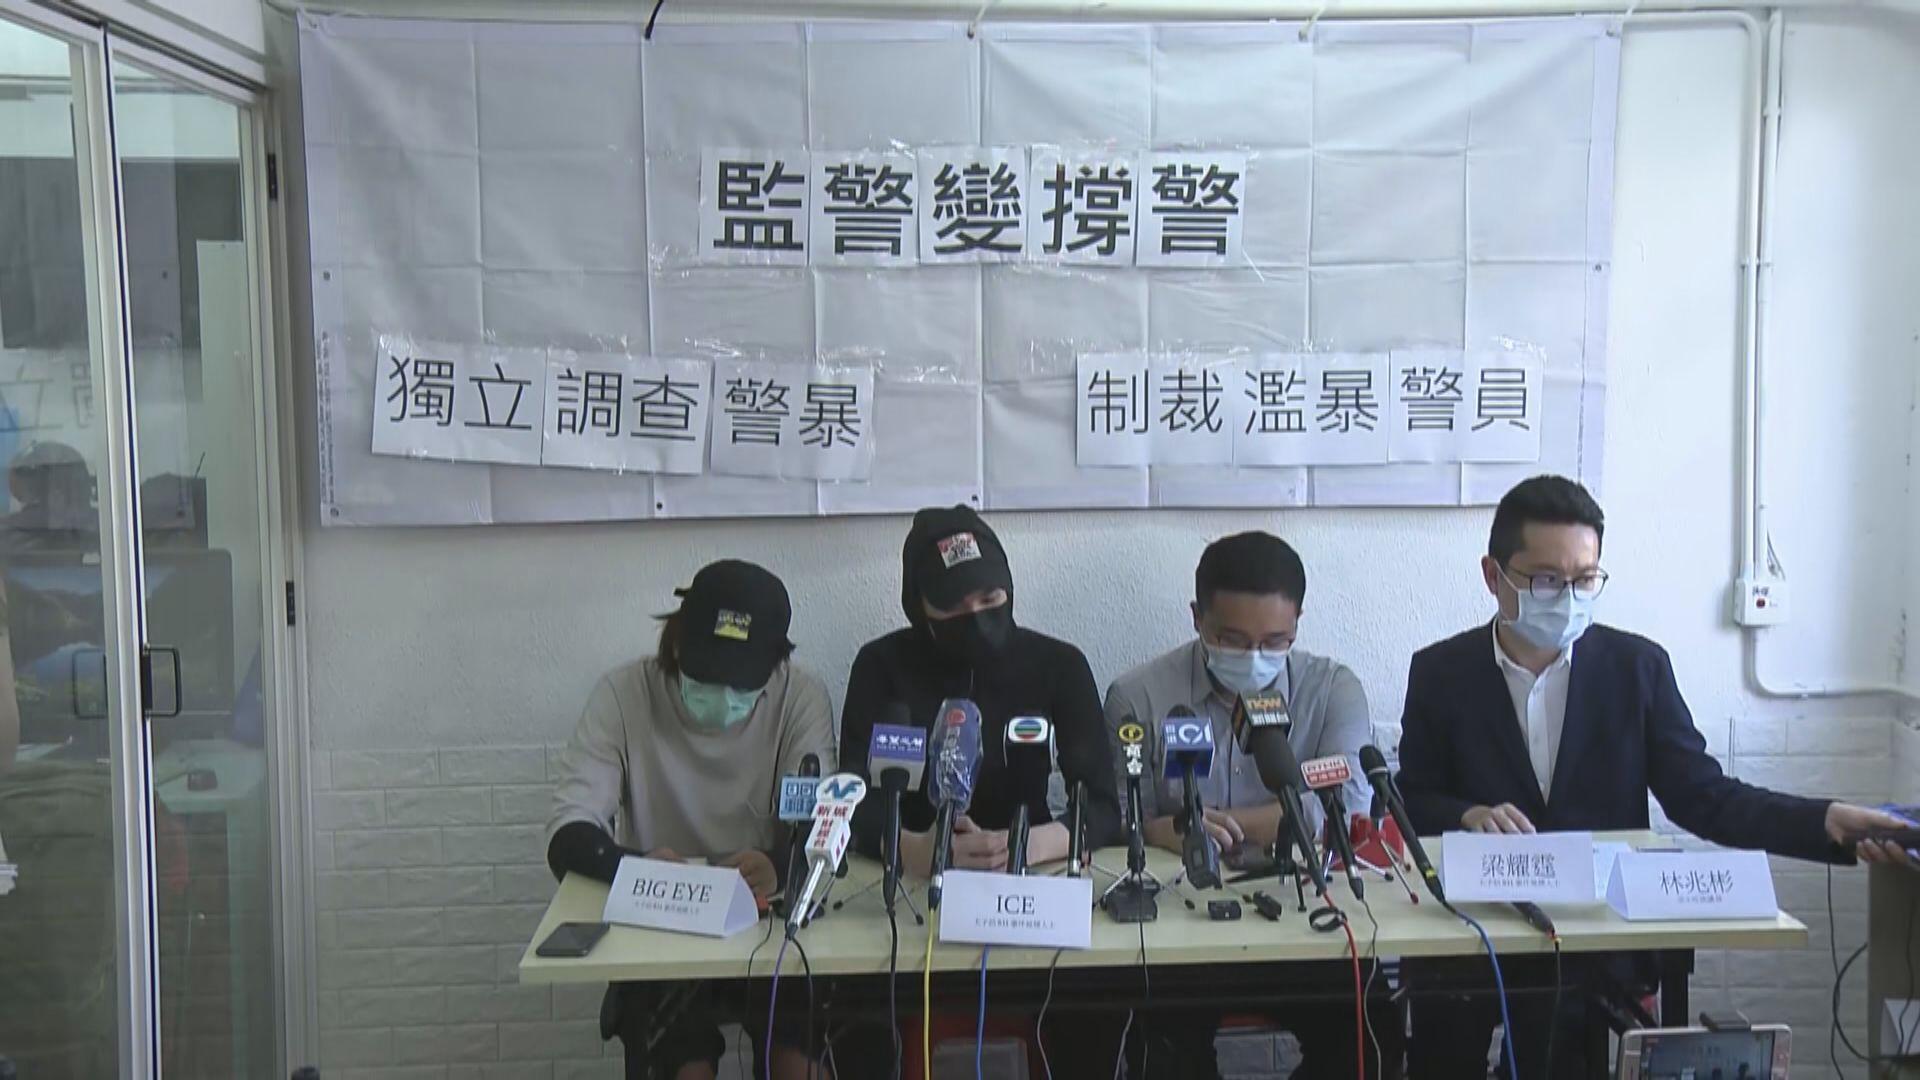 831被捕人批監警會報告偏頗 研民事途徑向警方索償